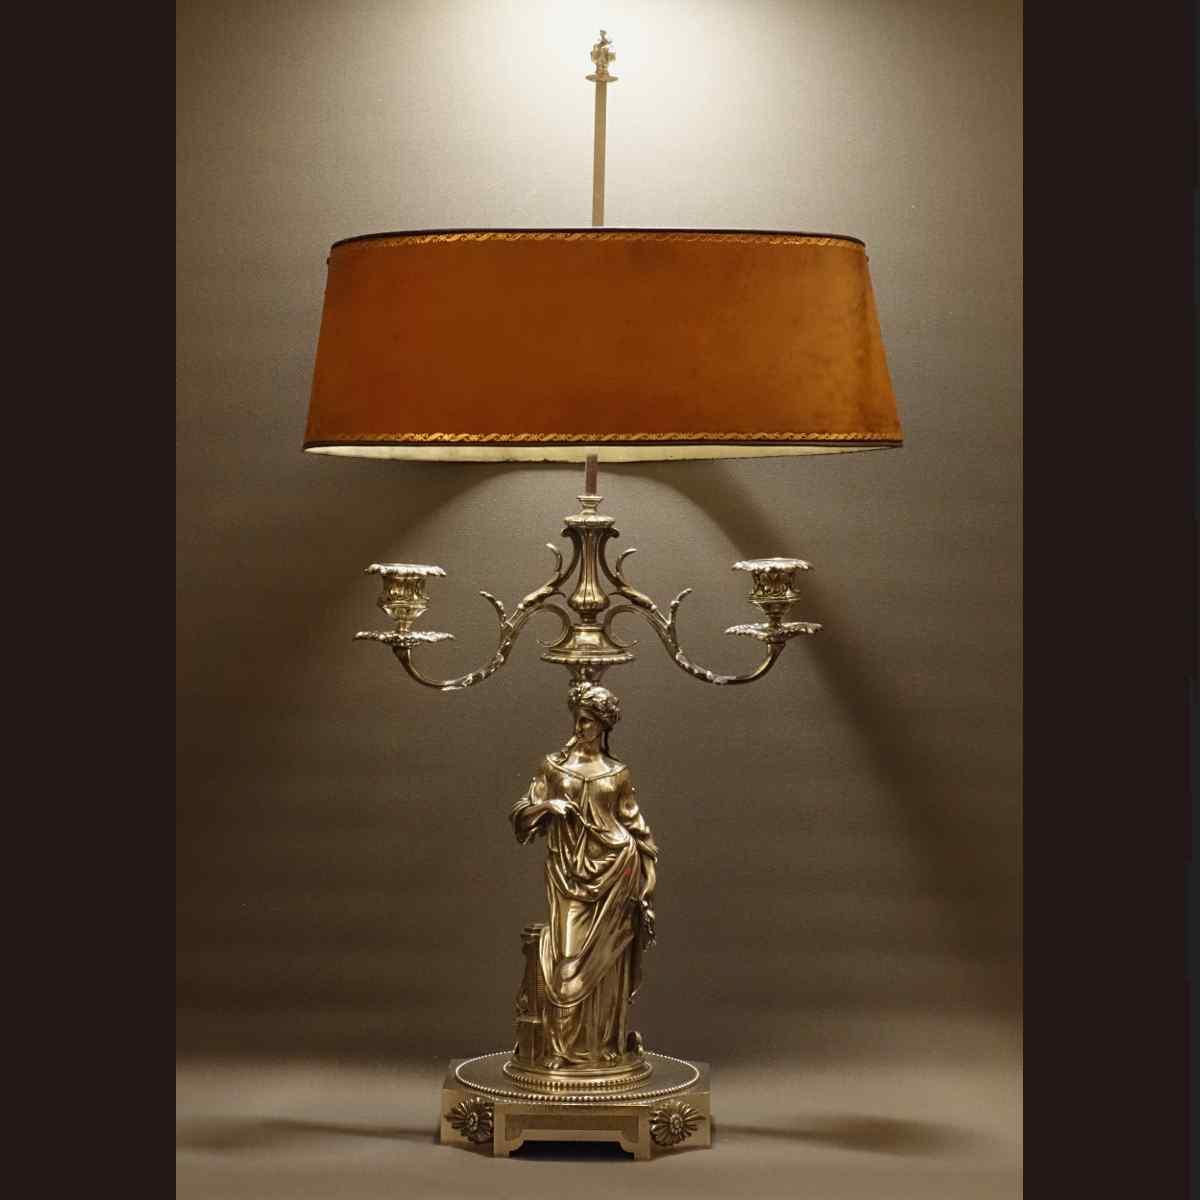 Inhabituelle et Importante Lampe Bouillotte XIXème